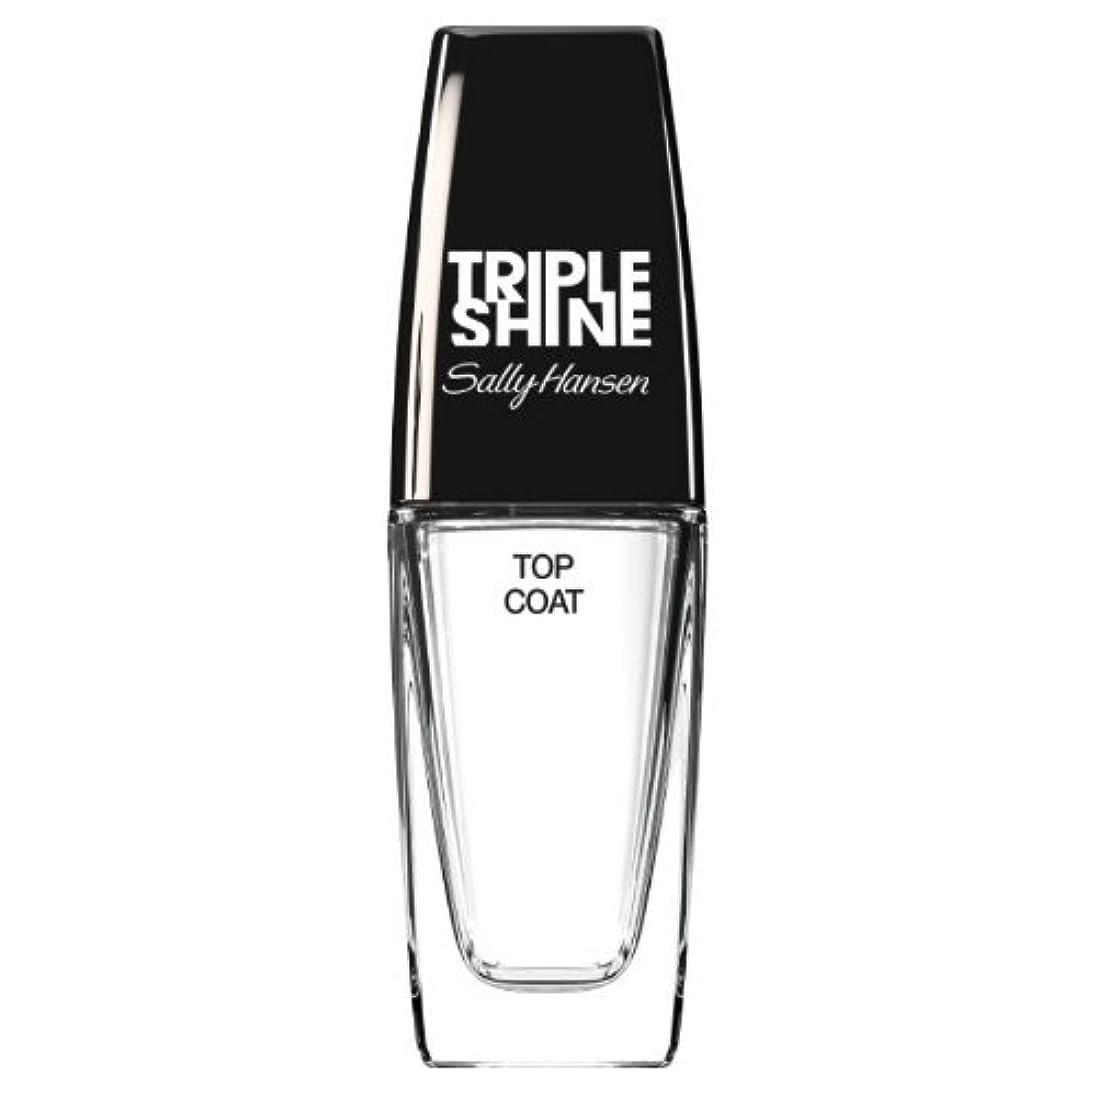 新鮮なバンケット永久(6 Pack) SALLY HANSEN Triple Shine Top Coat - Triple Shine Top Coat (並行輸入品)